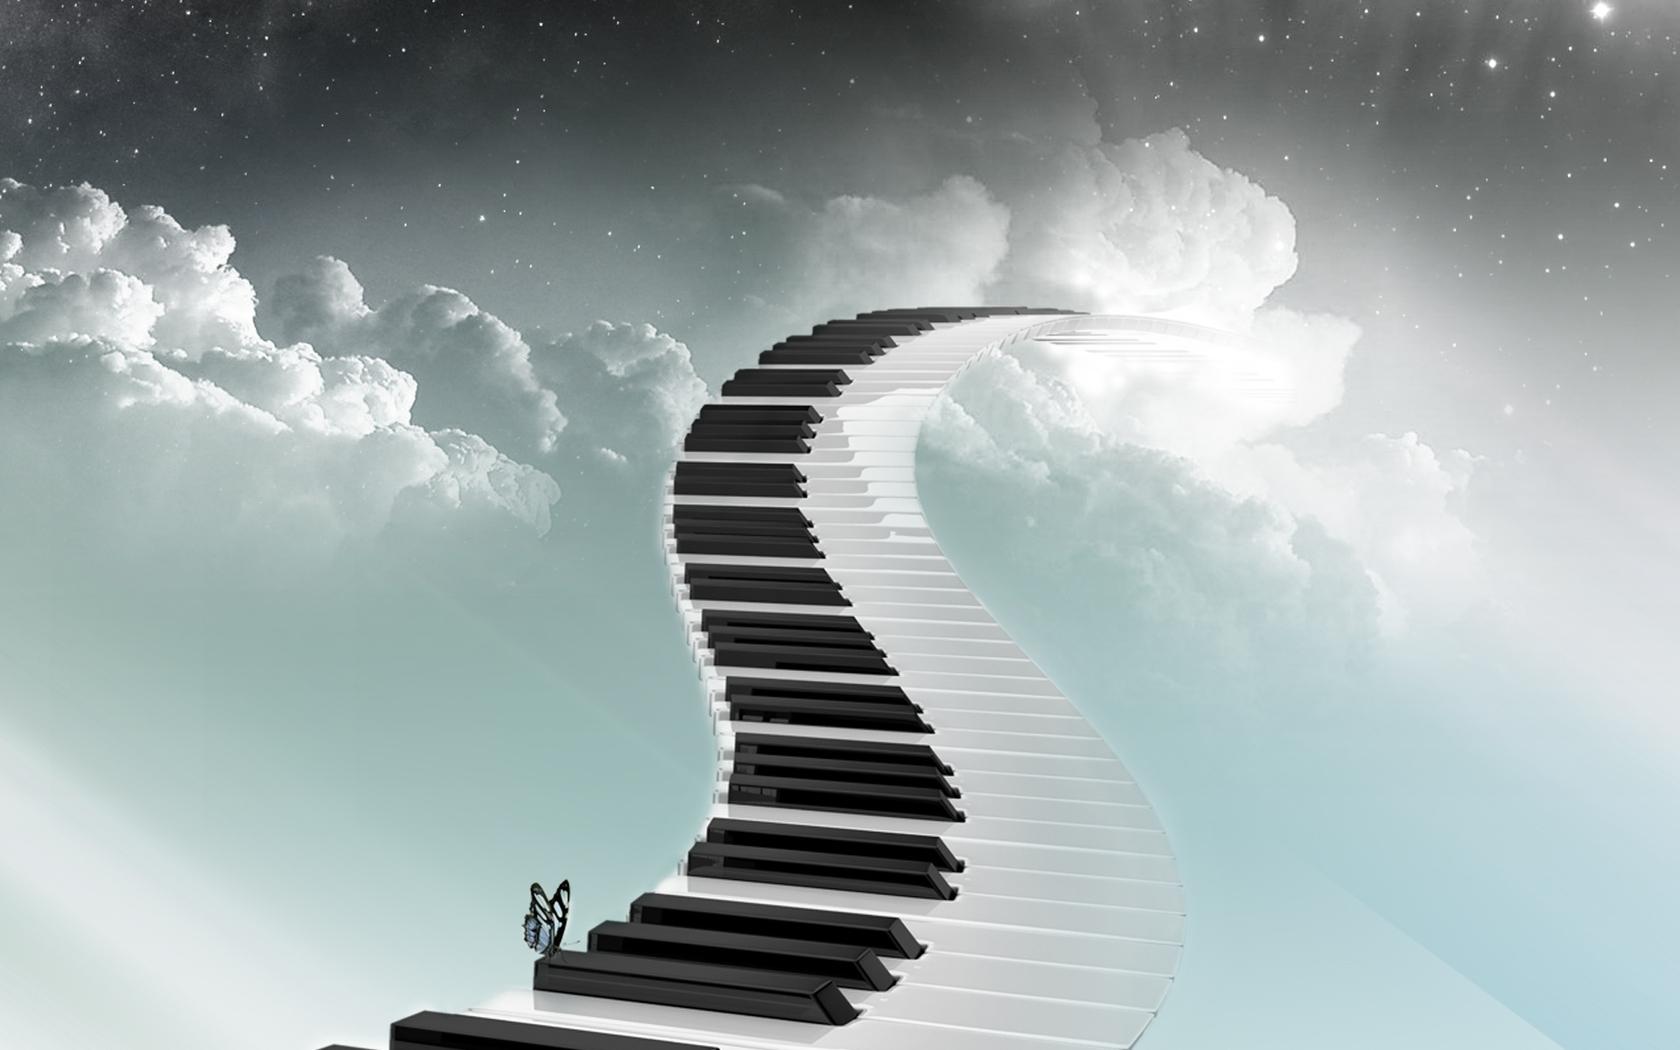 Piano-Keys-Fantasy-Wallpaper-Desktop